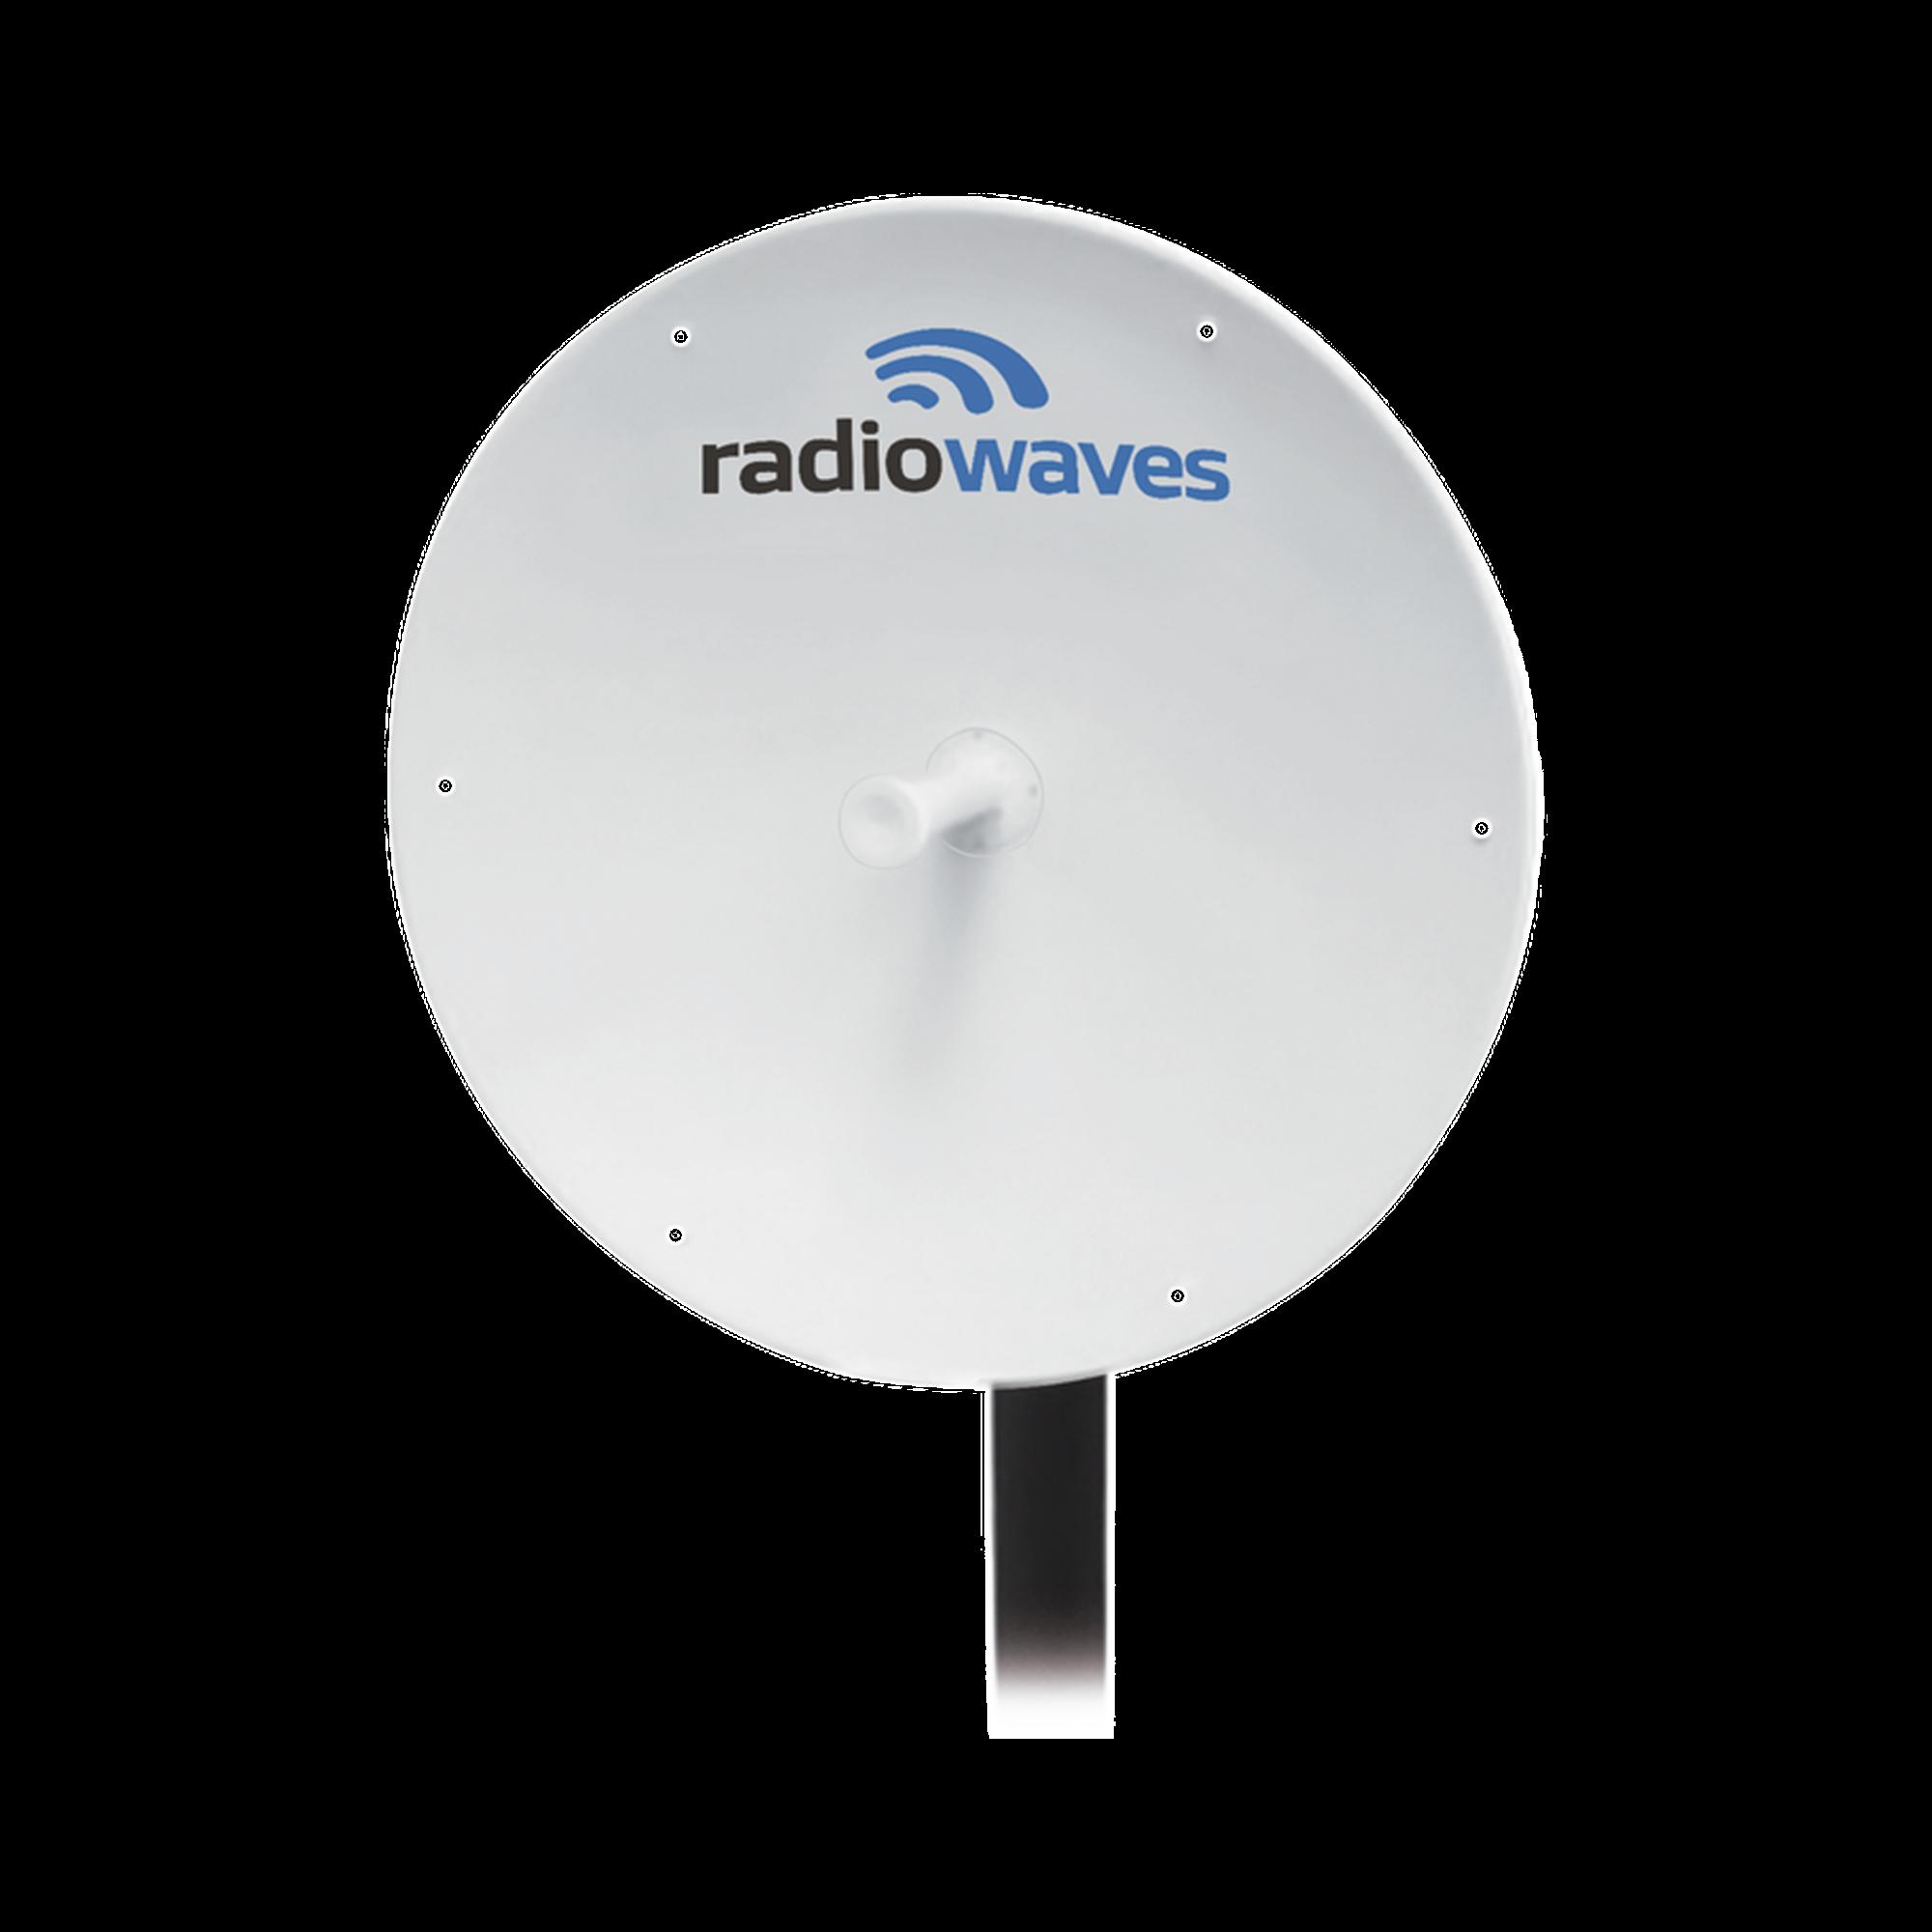 Antena Direccional, Dimensiones (3 ft), Ganancia 33 dBi, 4.9 - 6 GHz, 2 Conectores N-hembra, Incluye montaje.